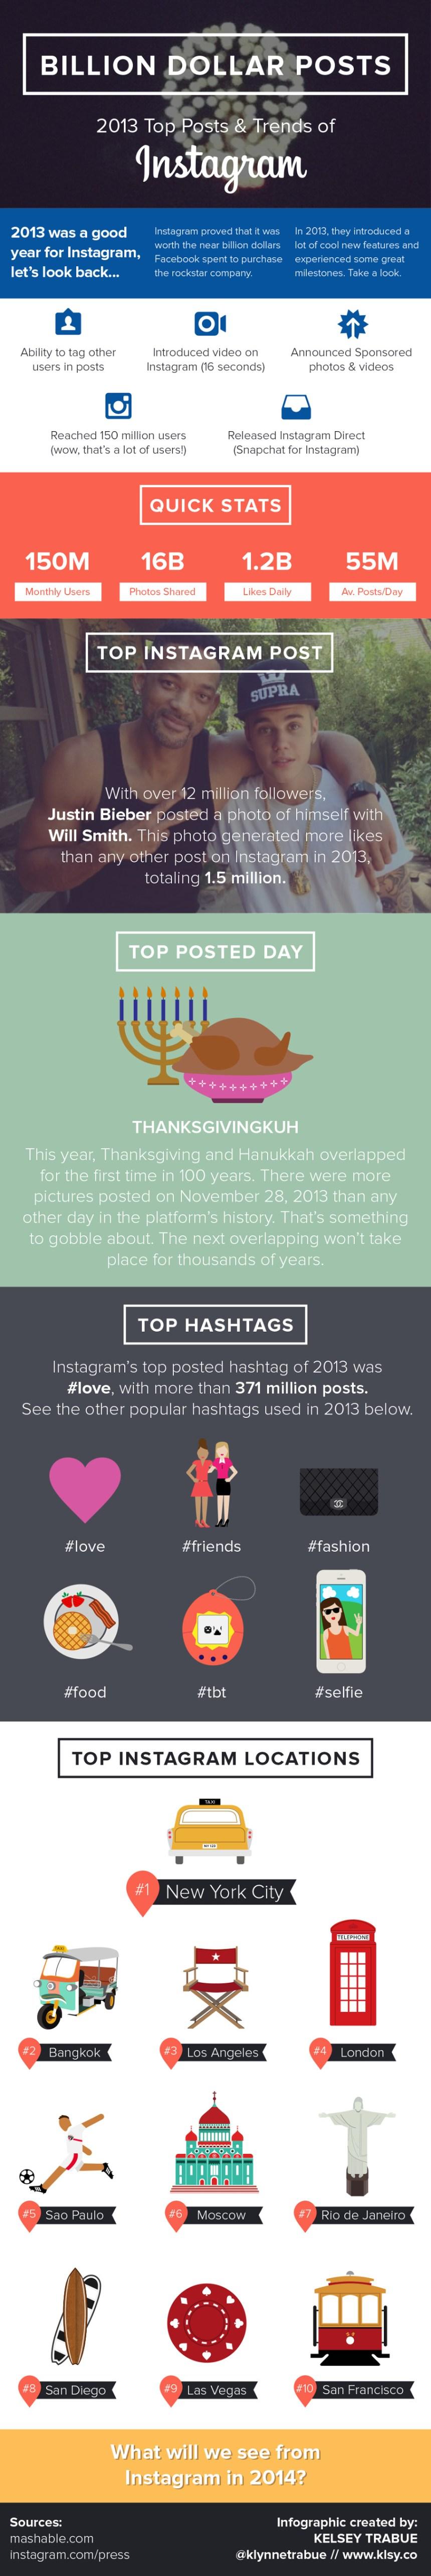 Top posts y tendencias en Instagram en 2013